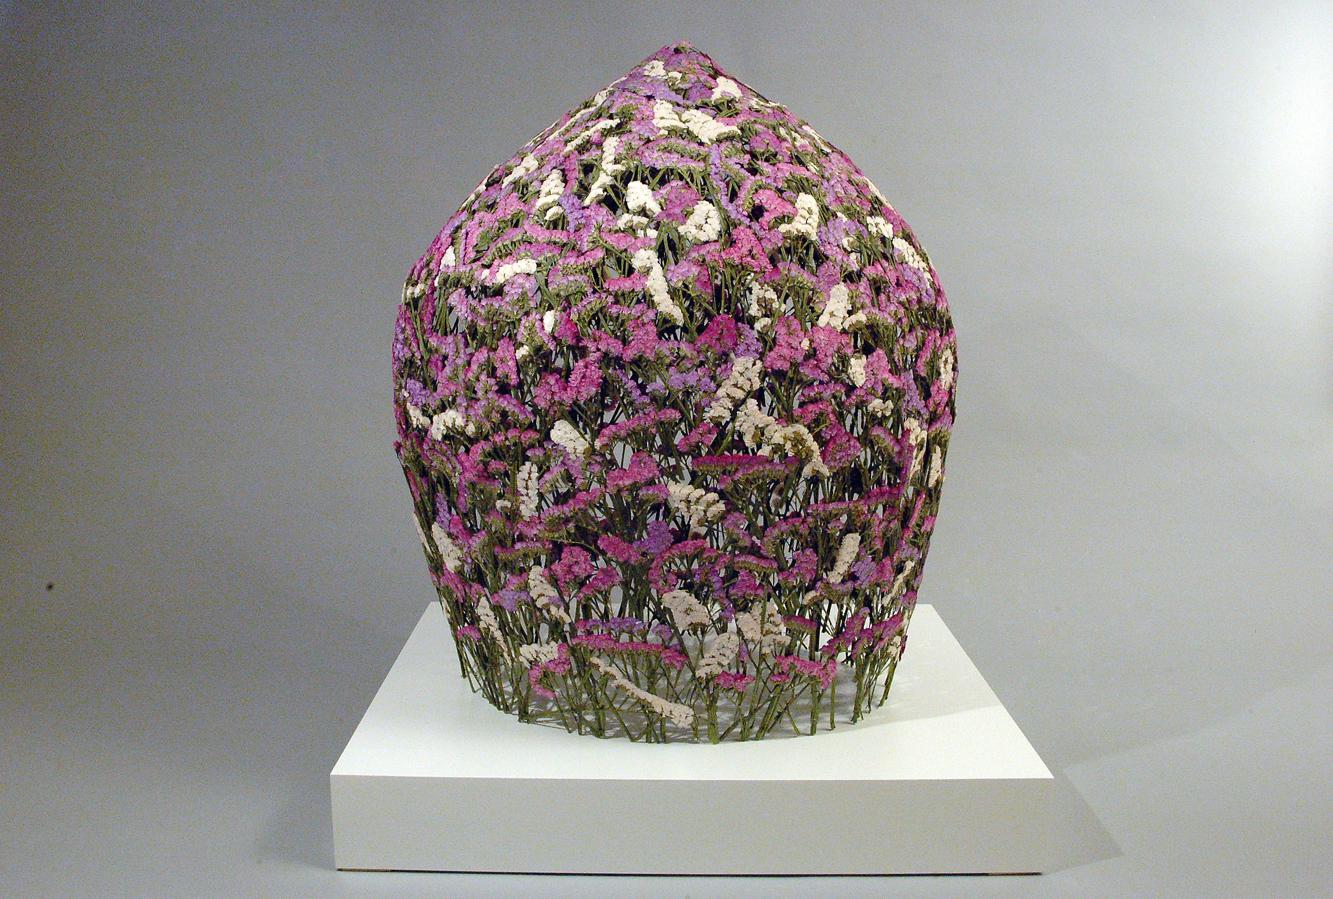 Sculpturi din flori presate